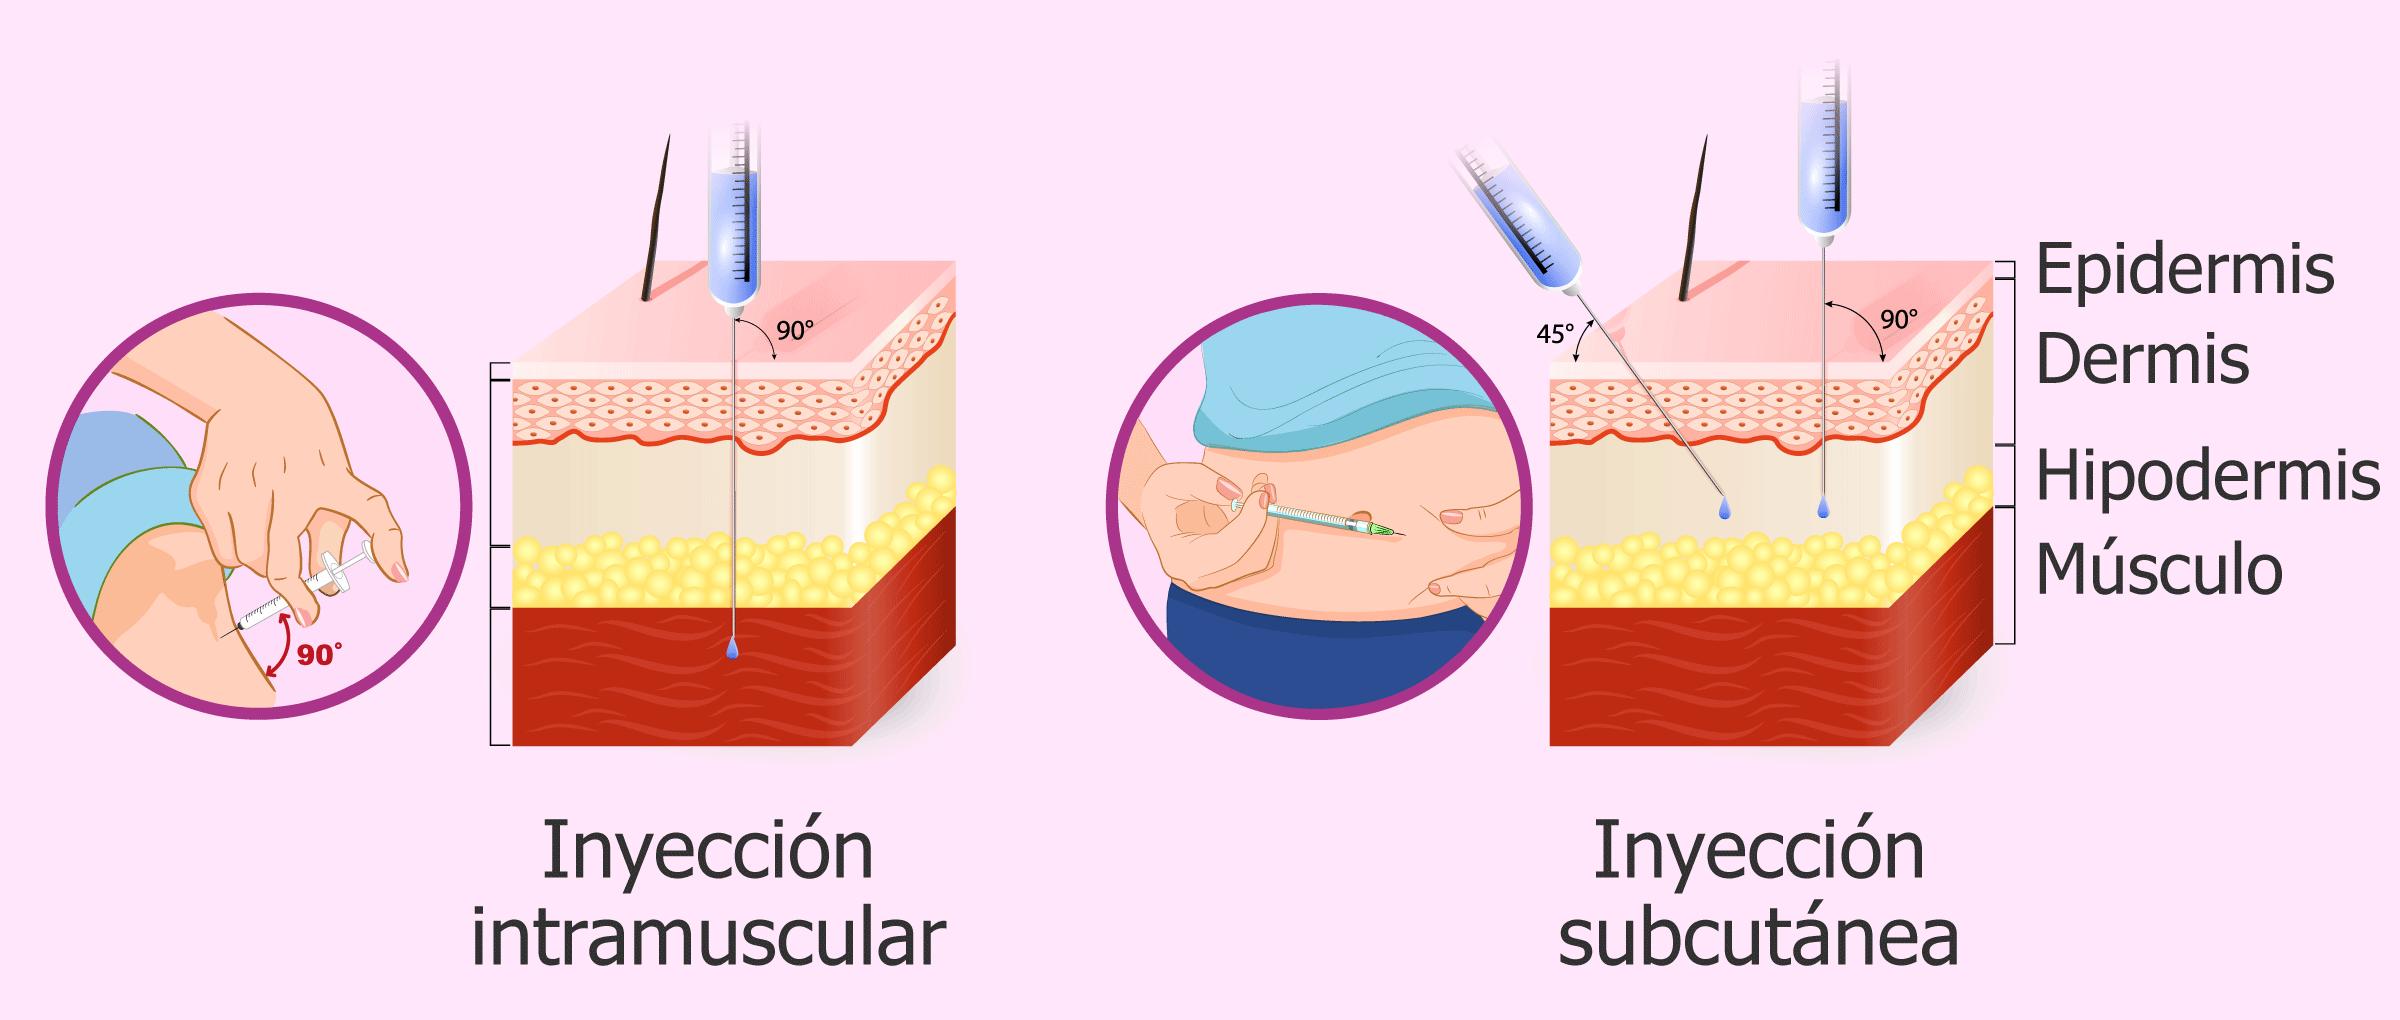 Tipos de inyección de Decapeptyl: intramuscular (mensual) y subcutánea (diaria)